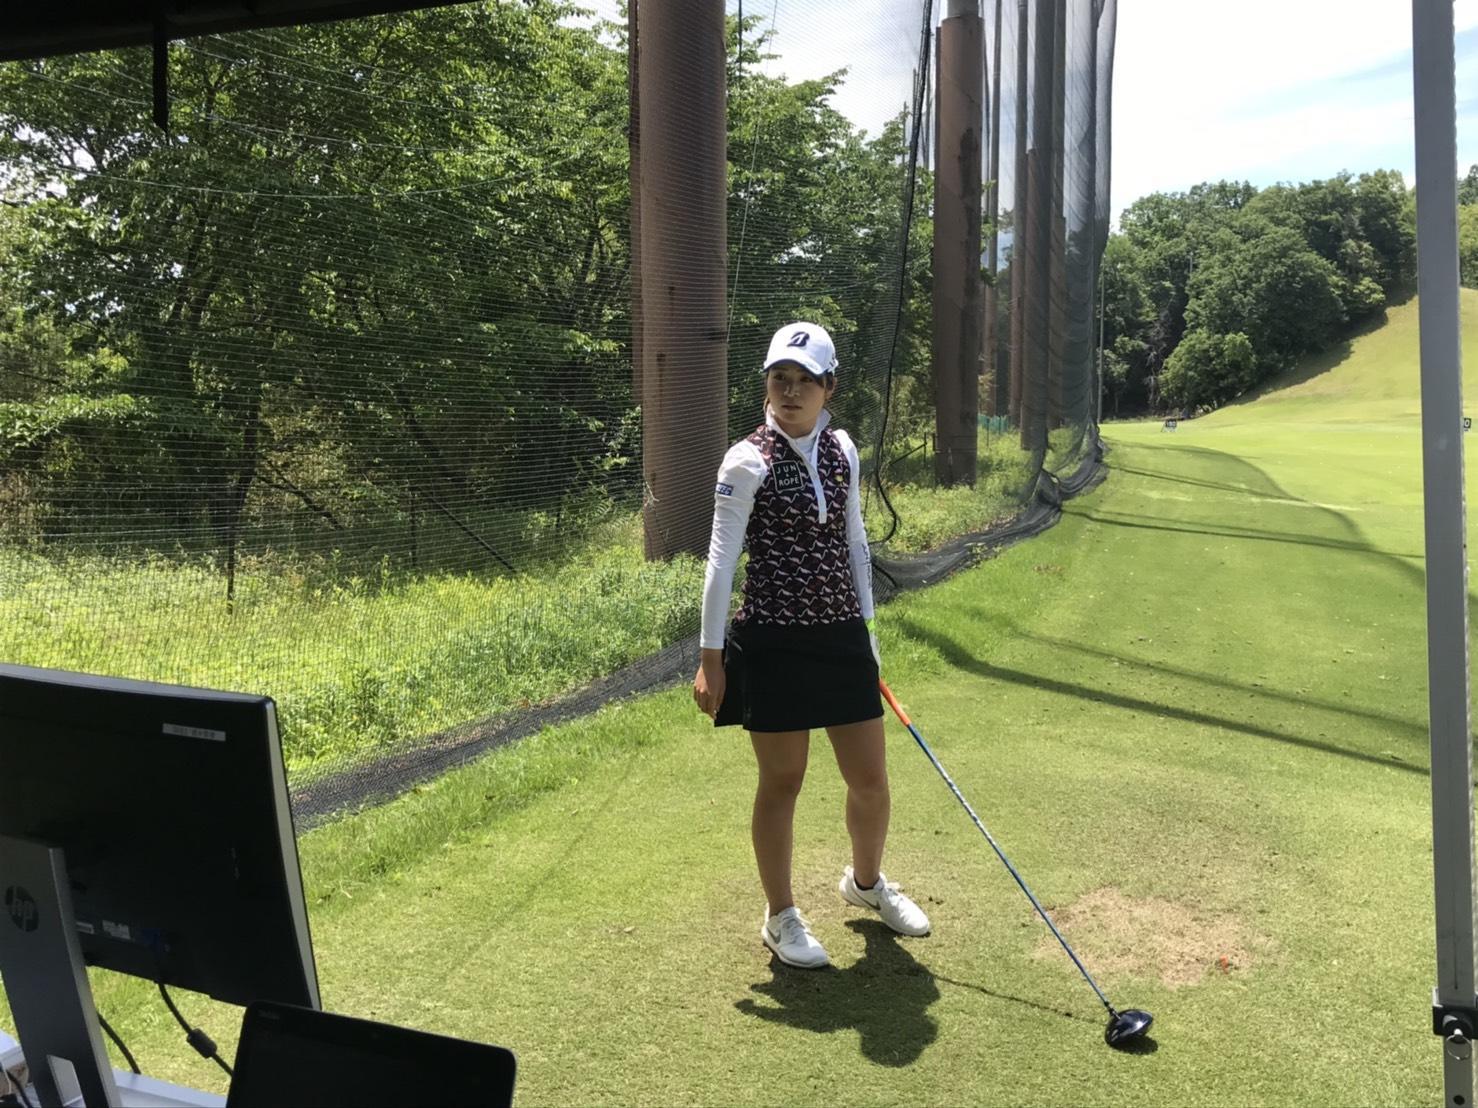 https://www.bs-golf.com/pro/IMG_3911.JPG